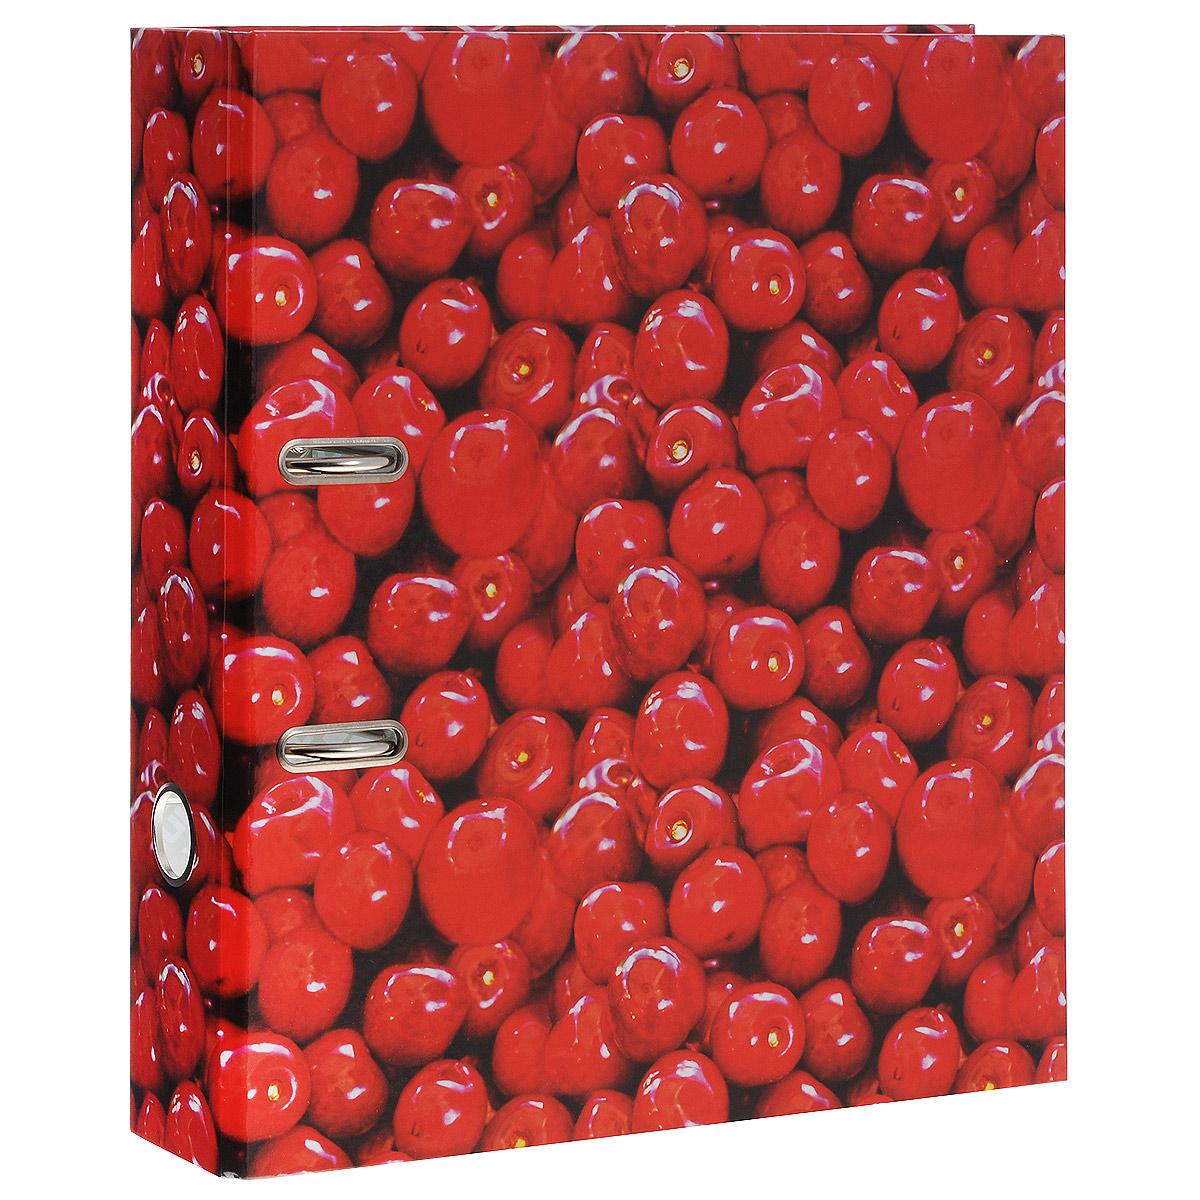 Папка-регистратор Вишня, ширина корешка 70 мм, цвет: красный. IN111103IN111103Папка-регистратор Вишня пригодится в каждом офисе и доме для хранения больших объемов документов.Папка изготовлена из износостойкого высококачественного картона и оформлена изображениями вишенок. Папка оснащена прочным металлическим механизмом, обеспечивающим надежную фиксацию перфорированных бумаг и документов формата А4. Ширина корешка 7 см.Папка-регистратор станет вашим надежным помощником, она упростит работу с бумагами и документами и защитит их от повреждения, пыли и влаги.